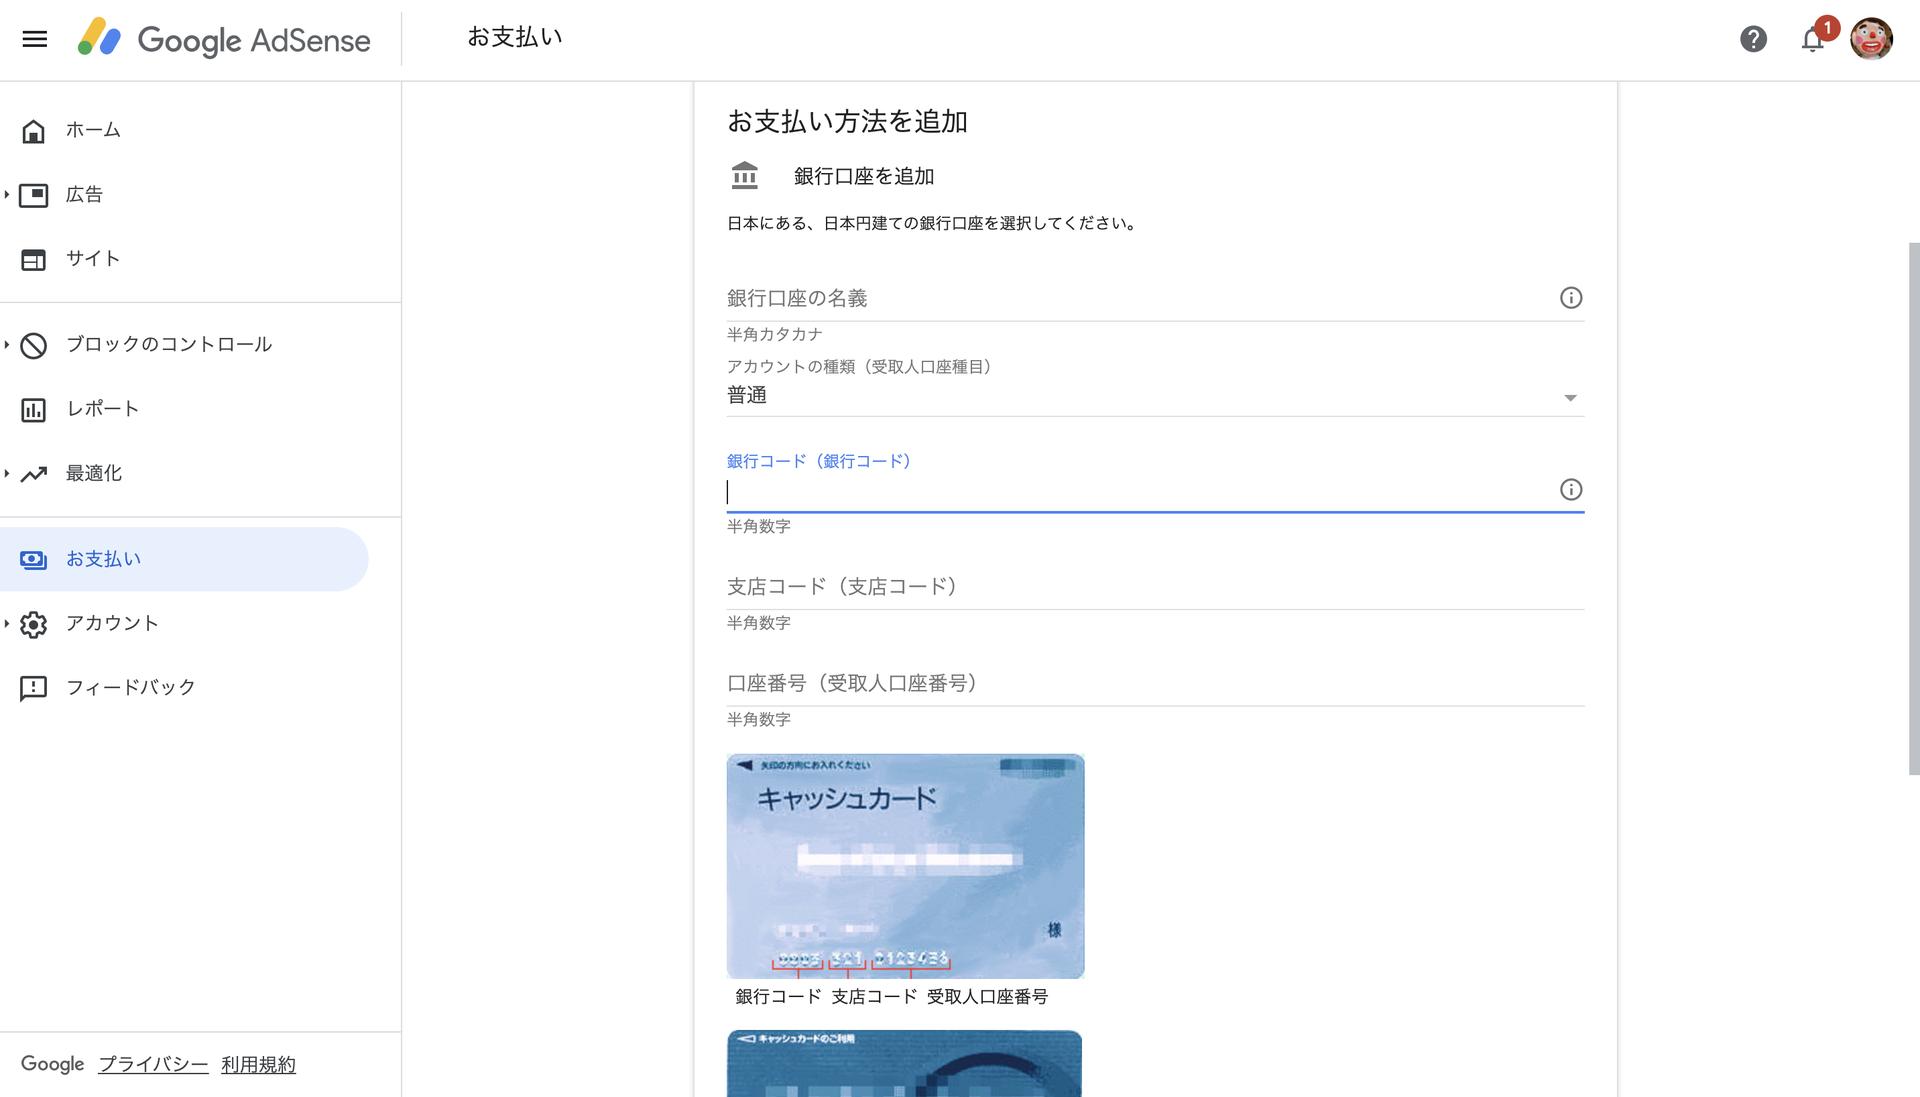 スクリーンショット 2021-07-04 7.04.49